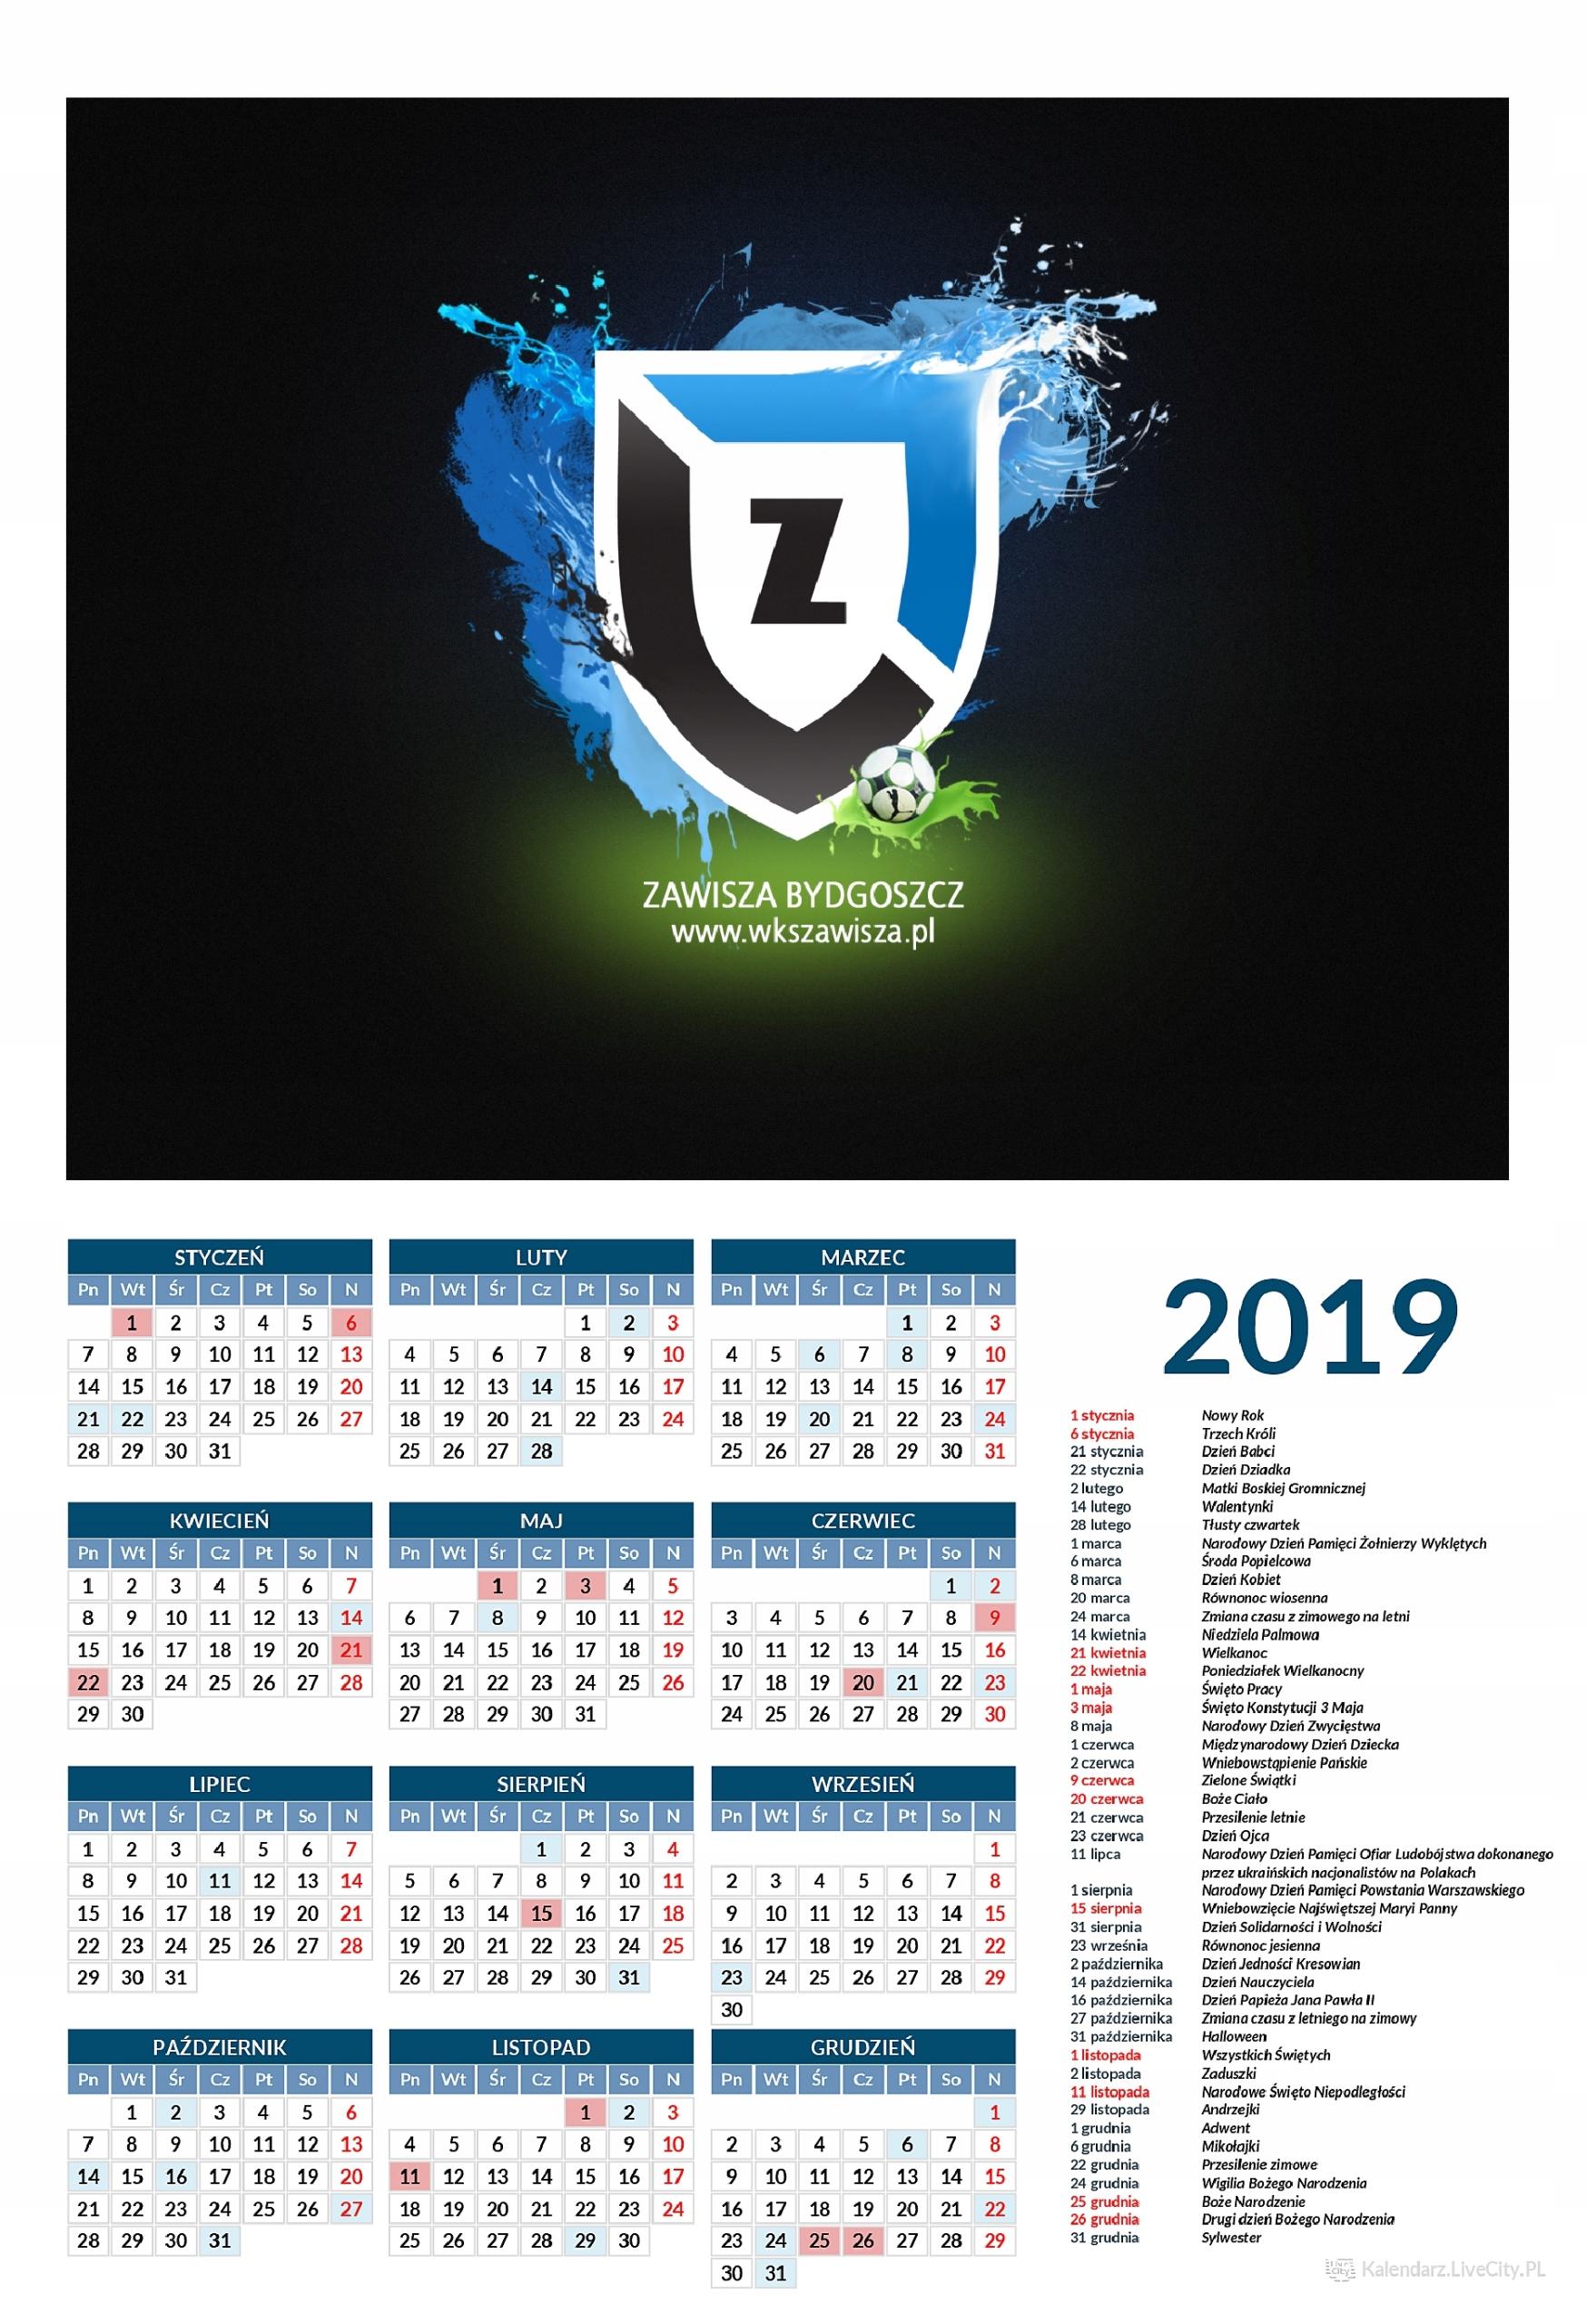 Kalendarz 2019 ZAWISZA BYTOM PIŁKA NOŻNA